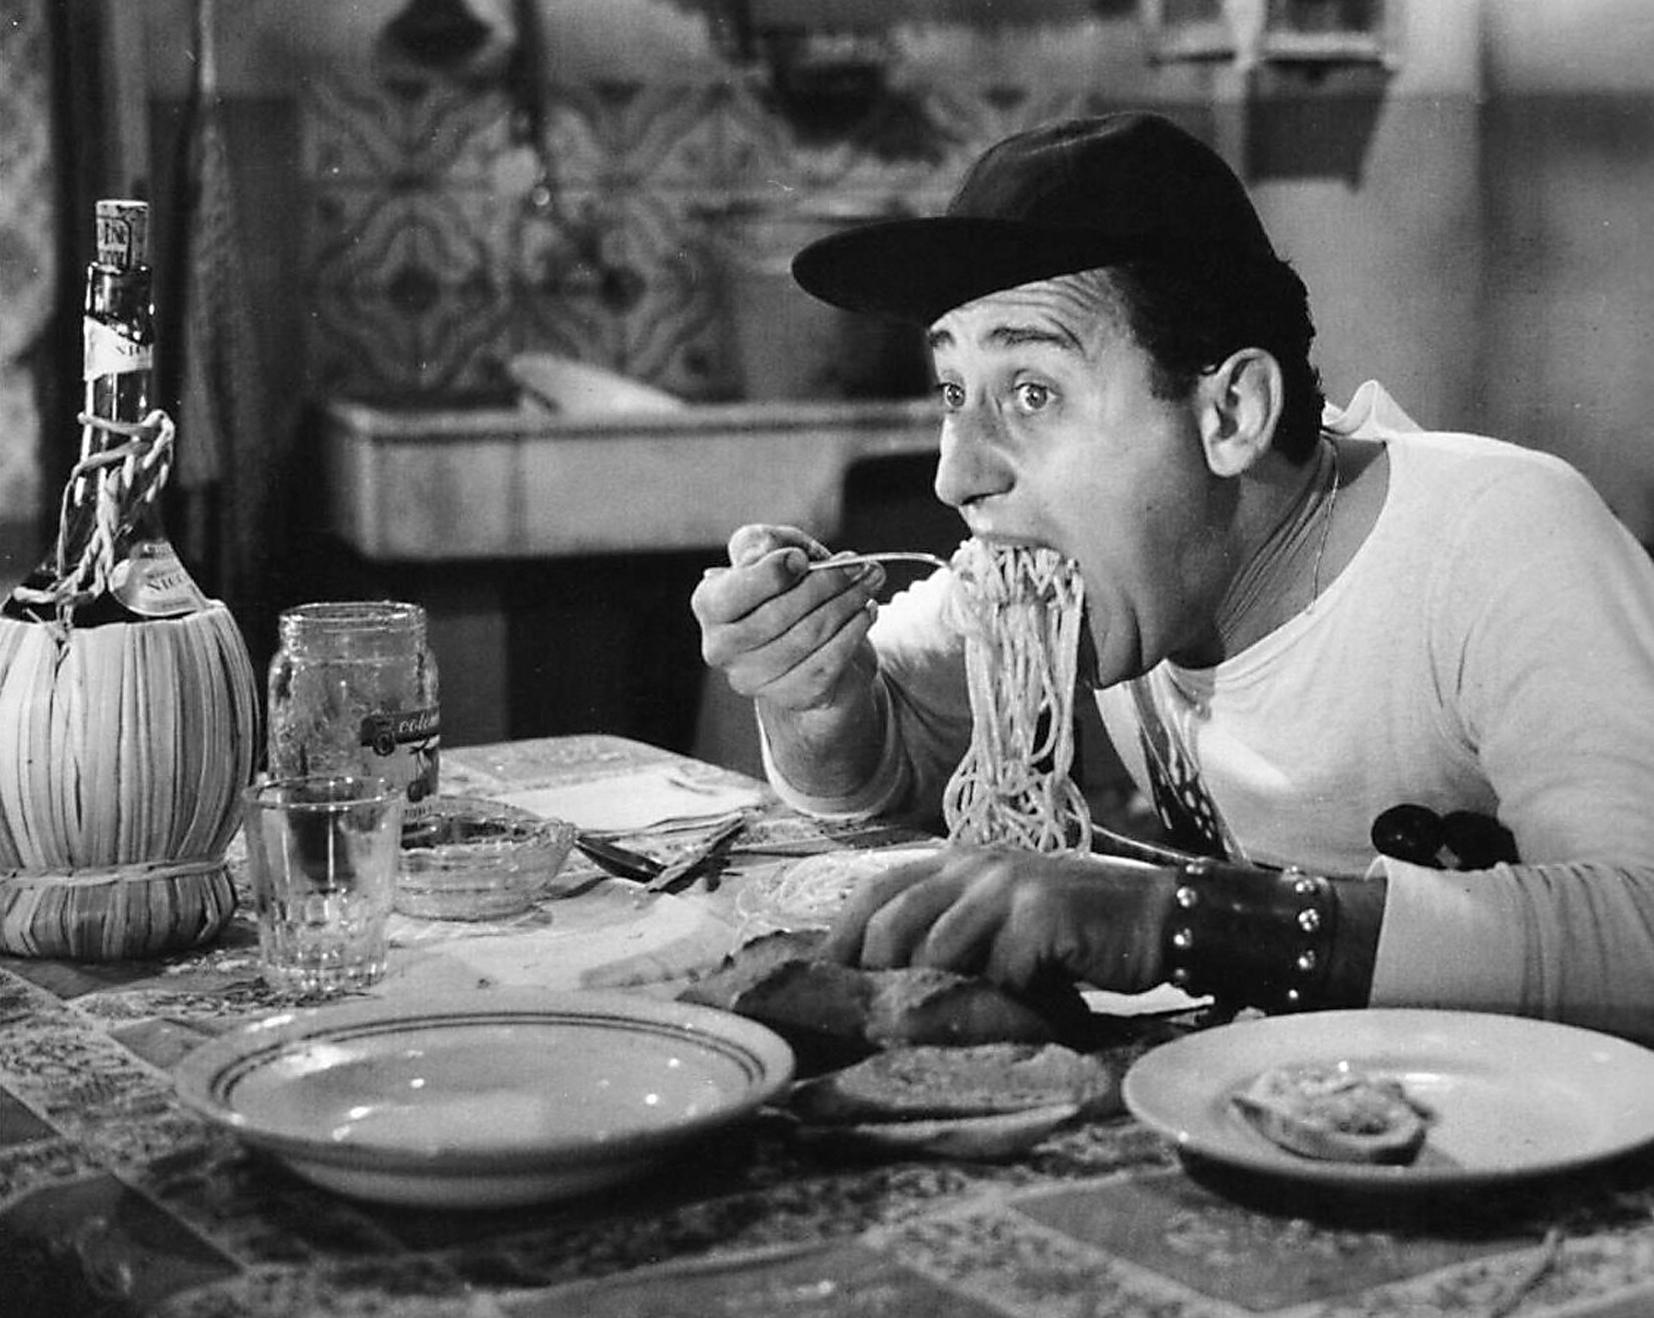 """Alberto sordi, un altro grande interprete del mito italiano della pasta nel famoso film """"Un americano a Roma"""""""